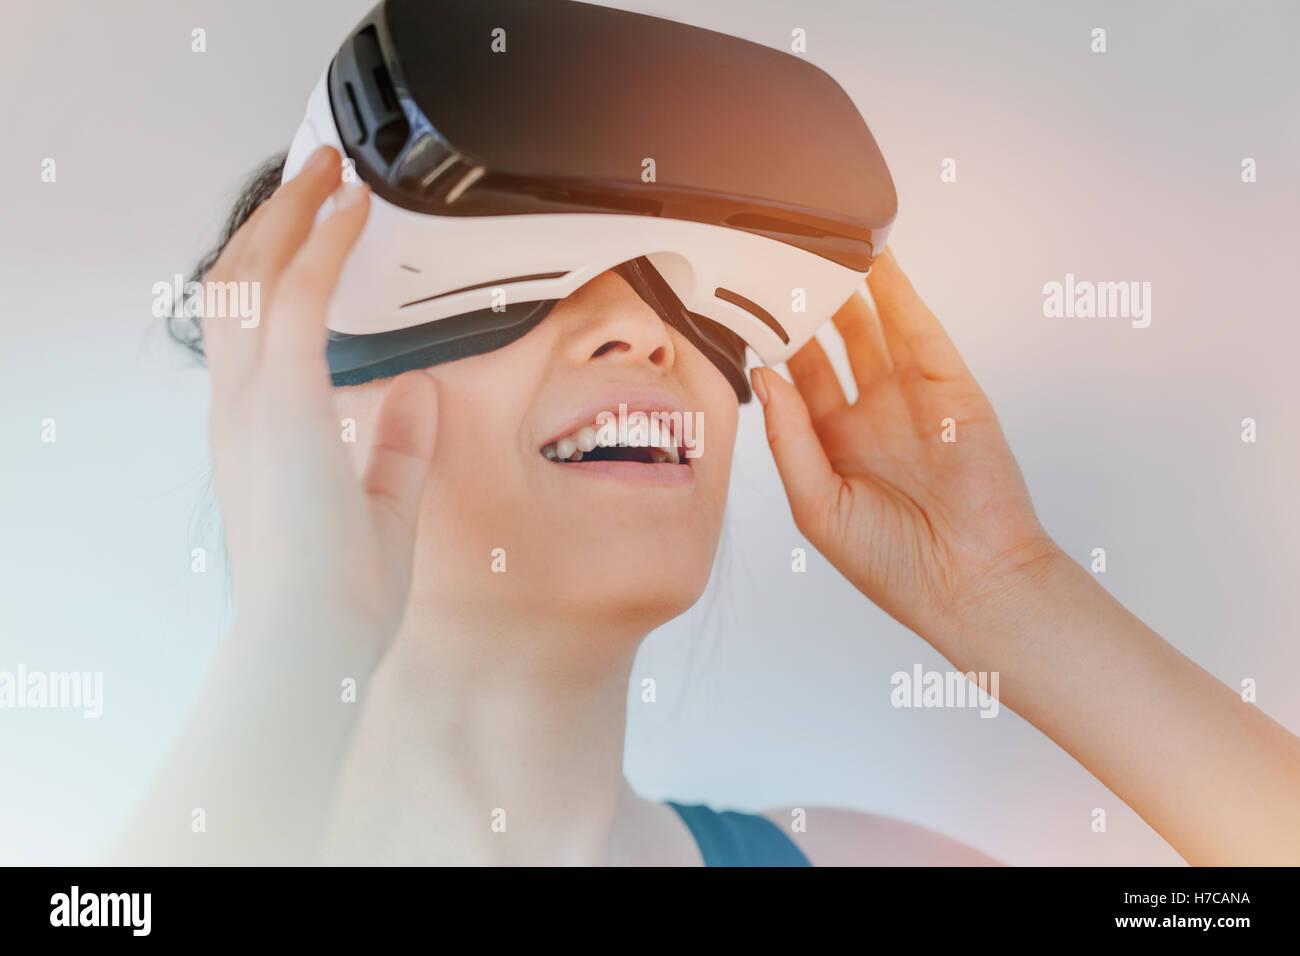 Primer plano de un joven con casco de realidad virtual mirando los objetos. Modelo femenino con gafas de realidad Imagen De Stock